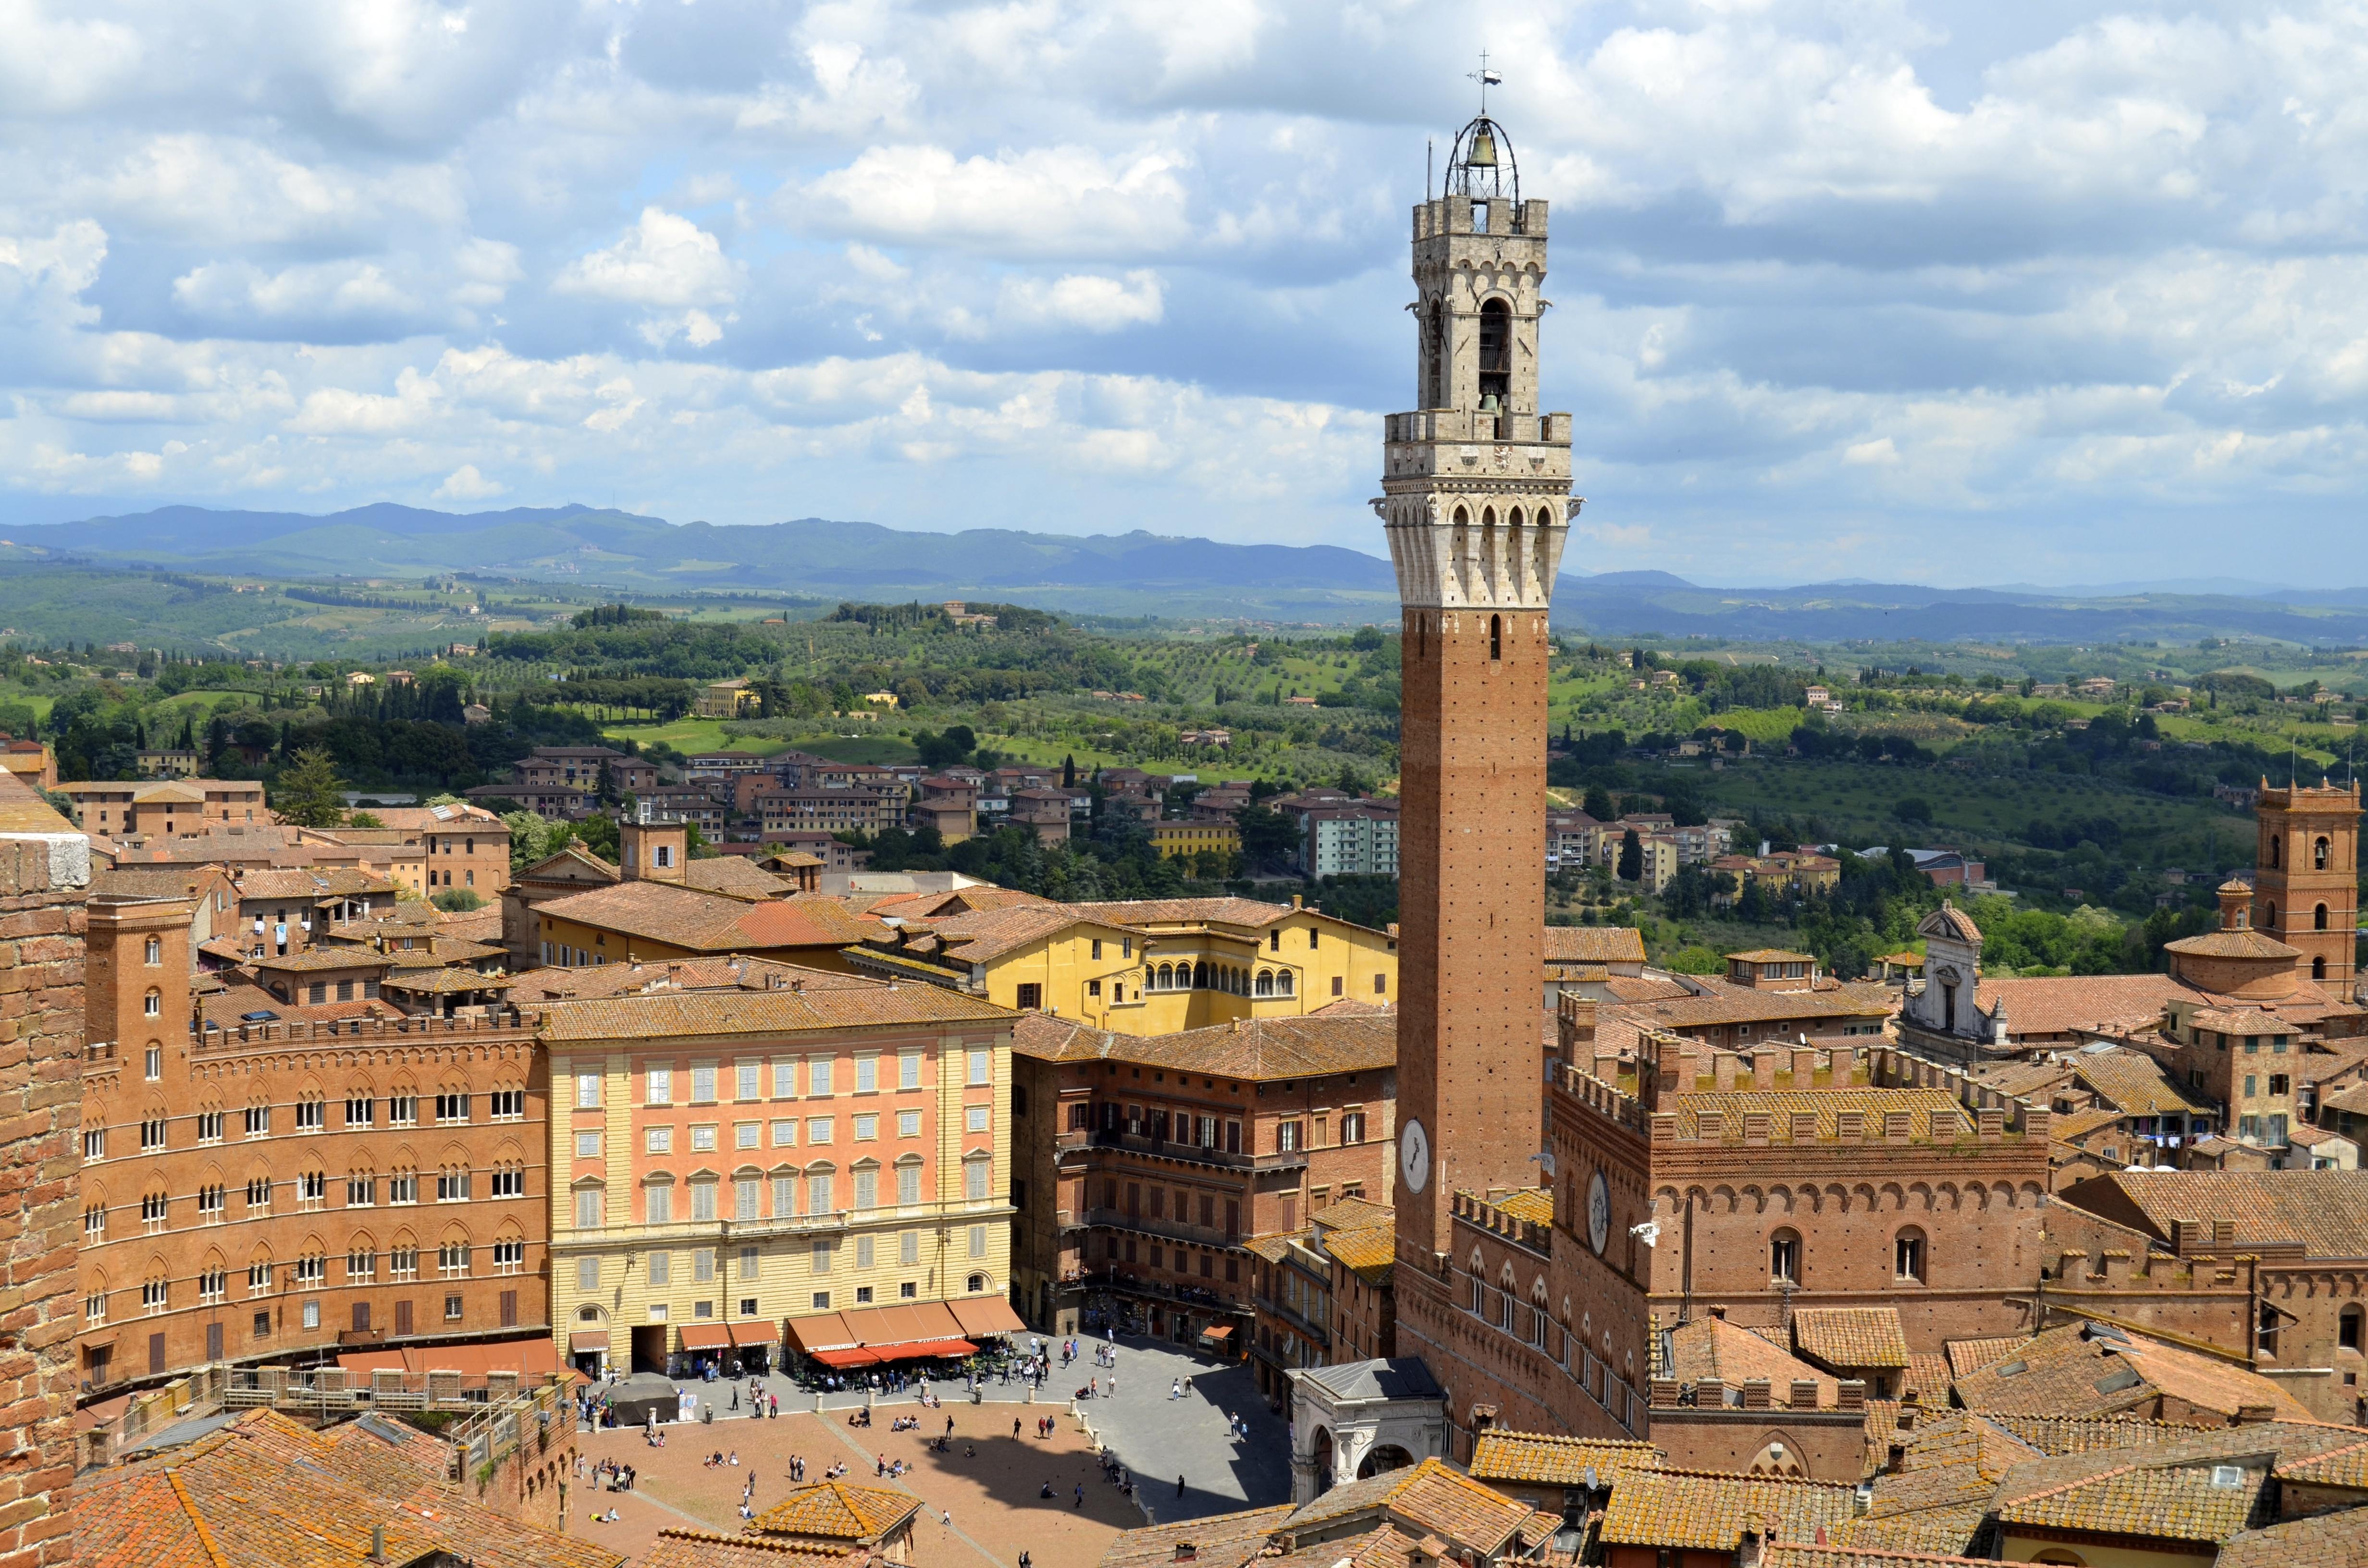 https://upload.wikimedia.org/wikipedia/commons/5/5f/Siena%2C_Tuscany%2C_Italy-12May2013.jpg